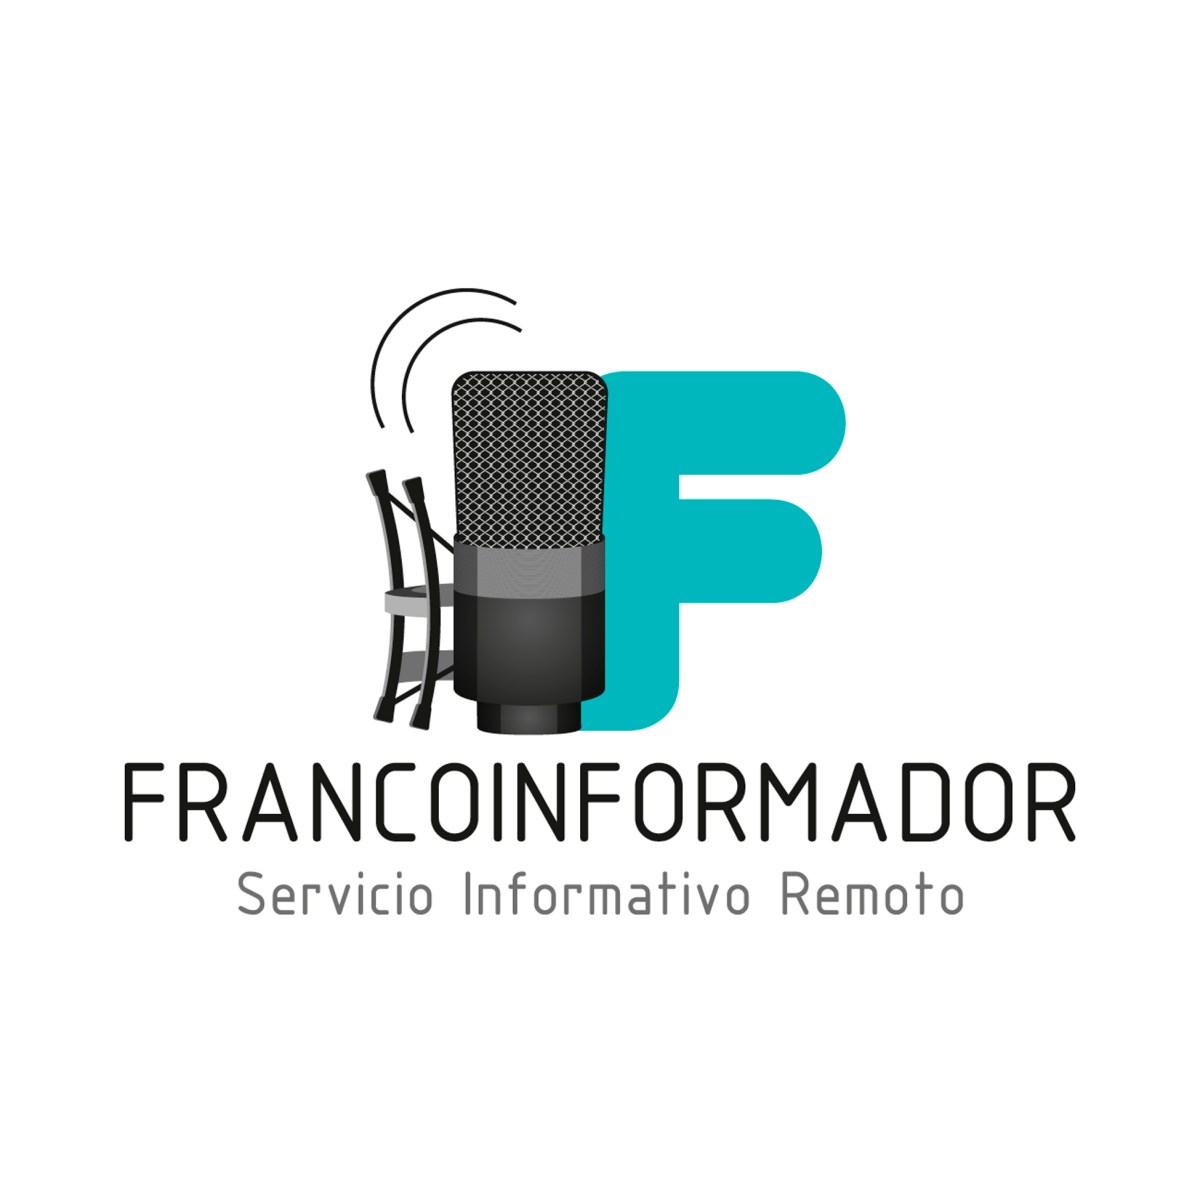 Francoinformador